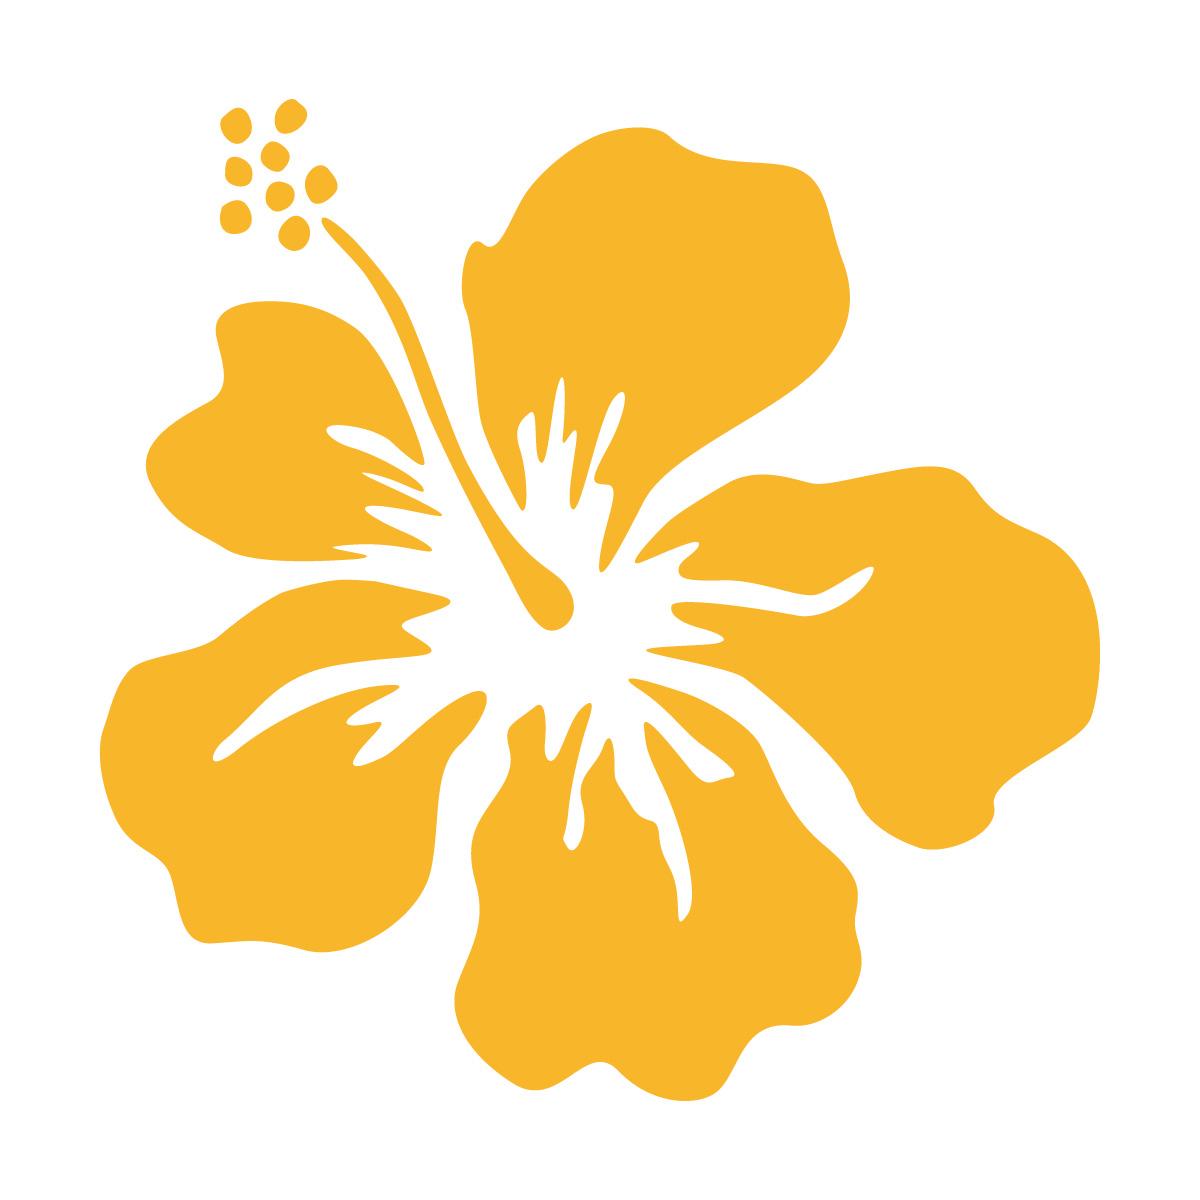 黄色のハイビスカス・南国植物のカッティングステッカー・シール